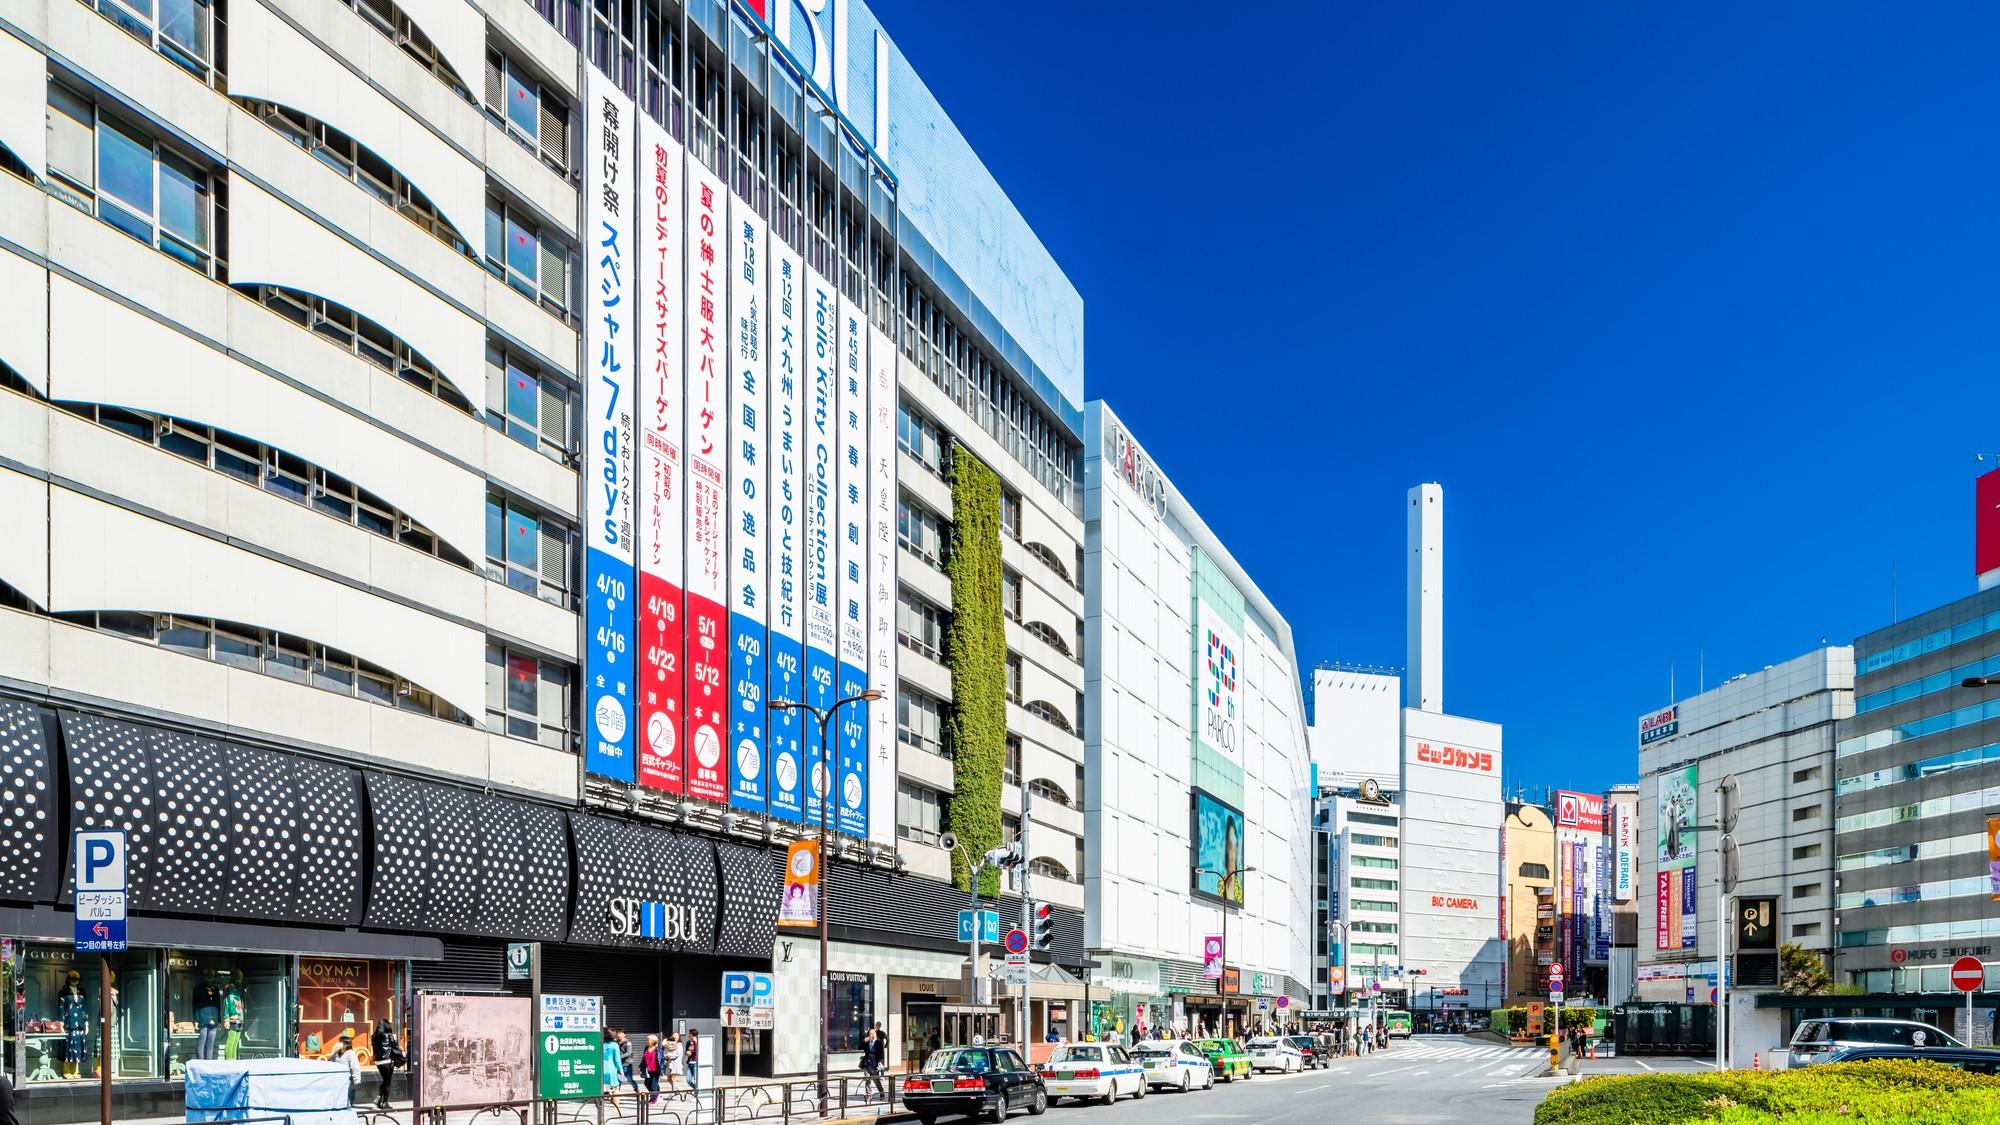 埼玉効果がここにも…「豊島区・池袋」人気ランキング急上昇!